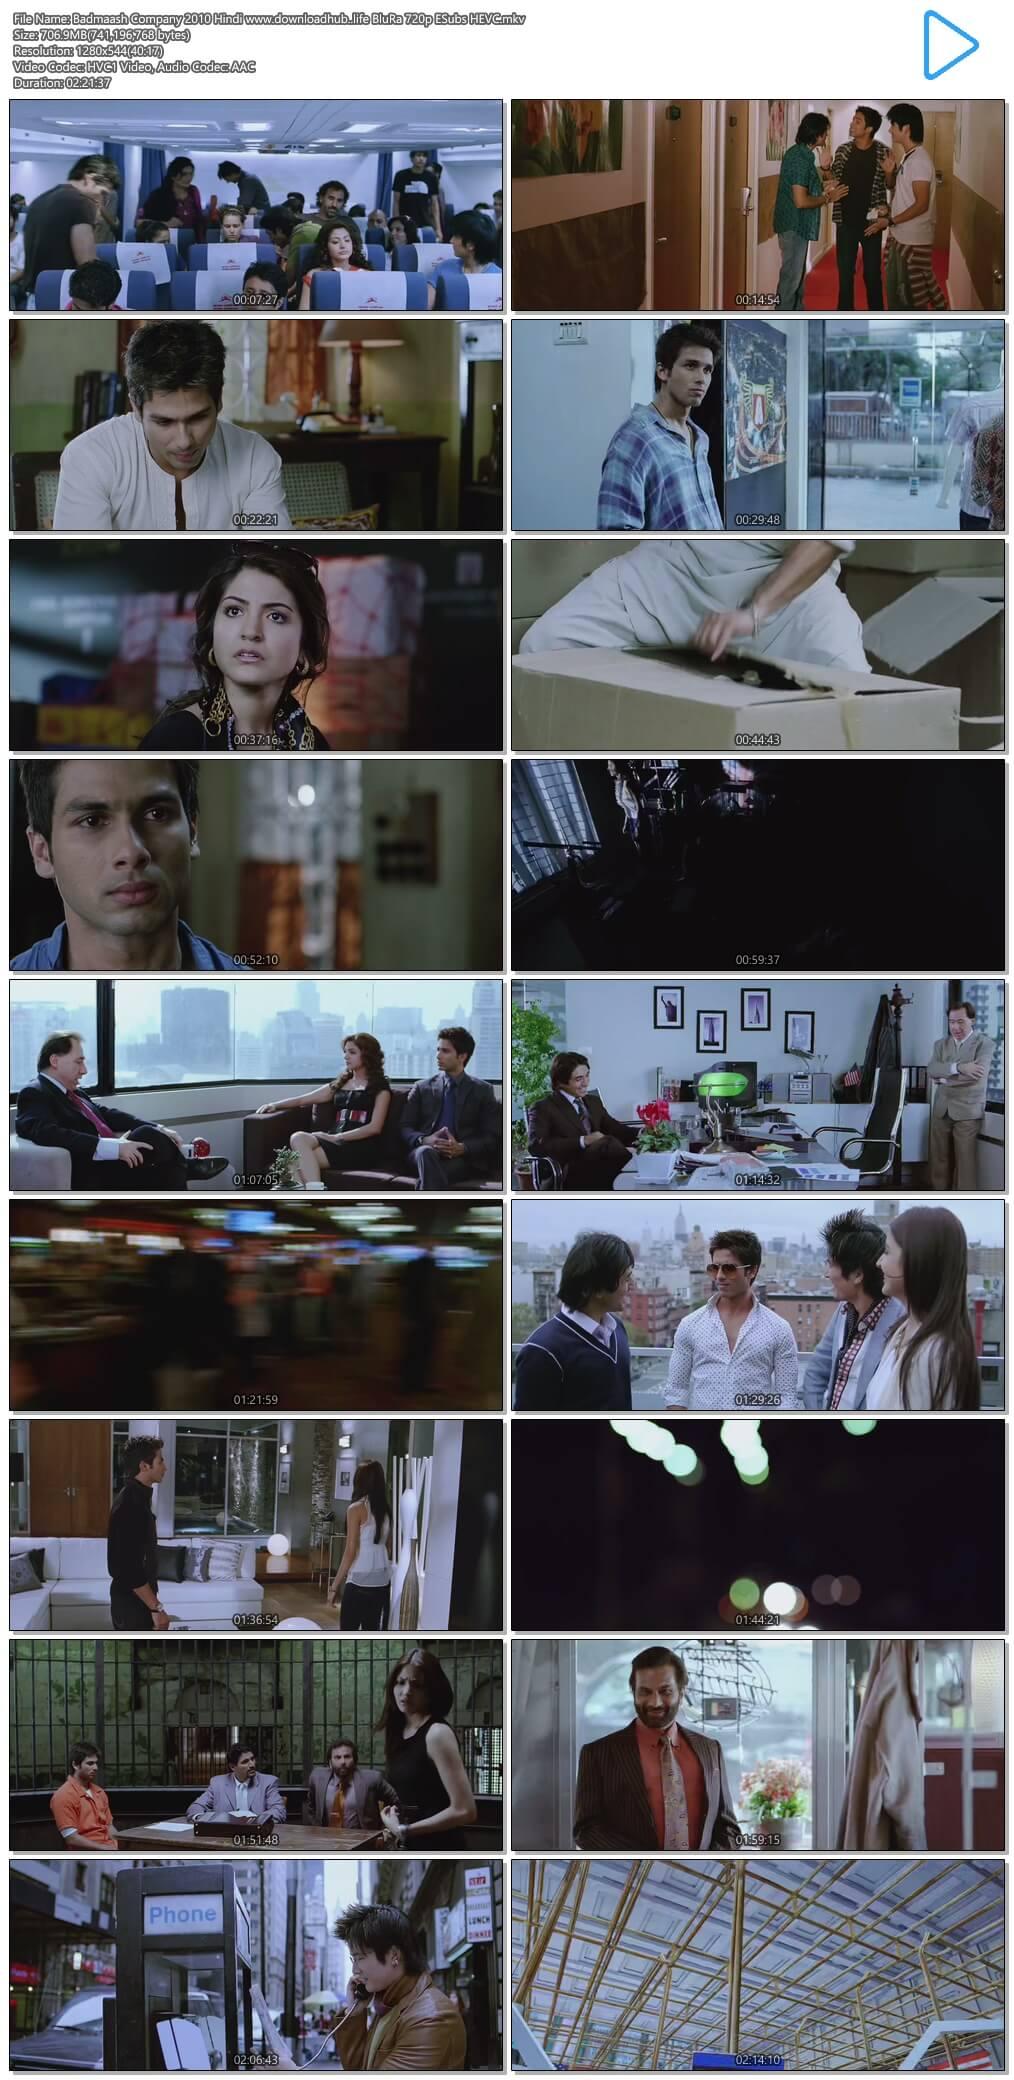 Badmaash Company 2010 Hindi 700MB BluRay 720p ESubs HEVC